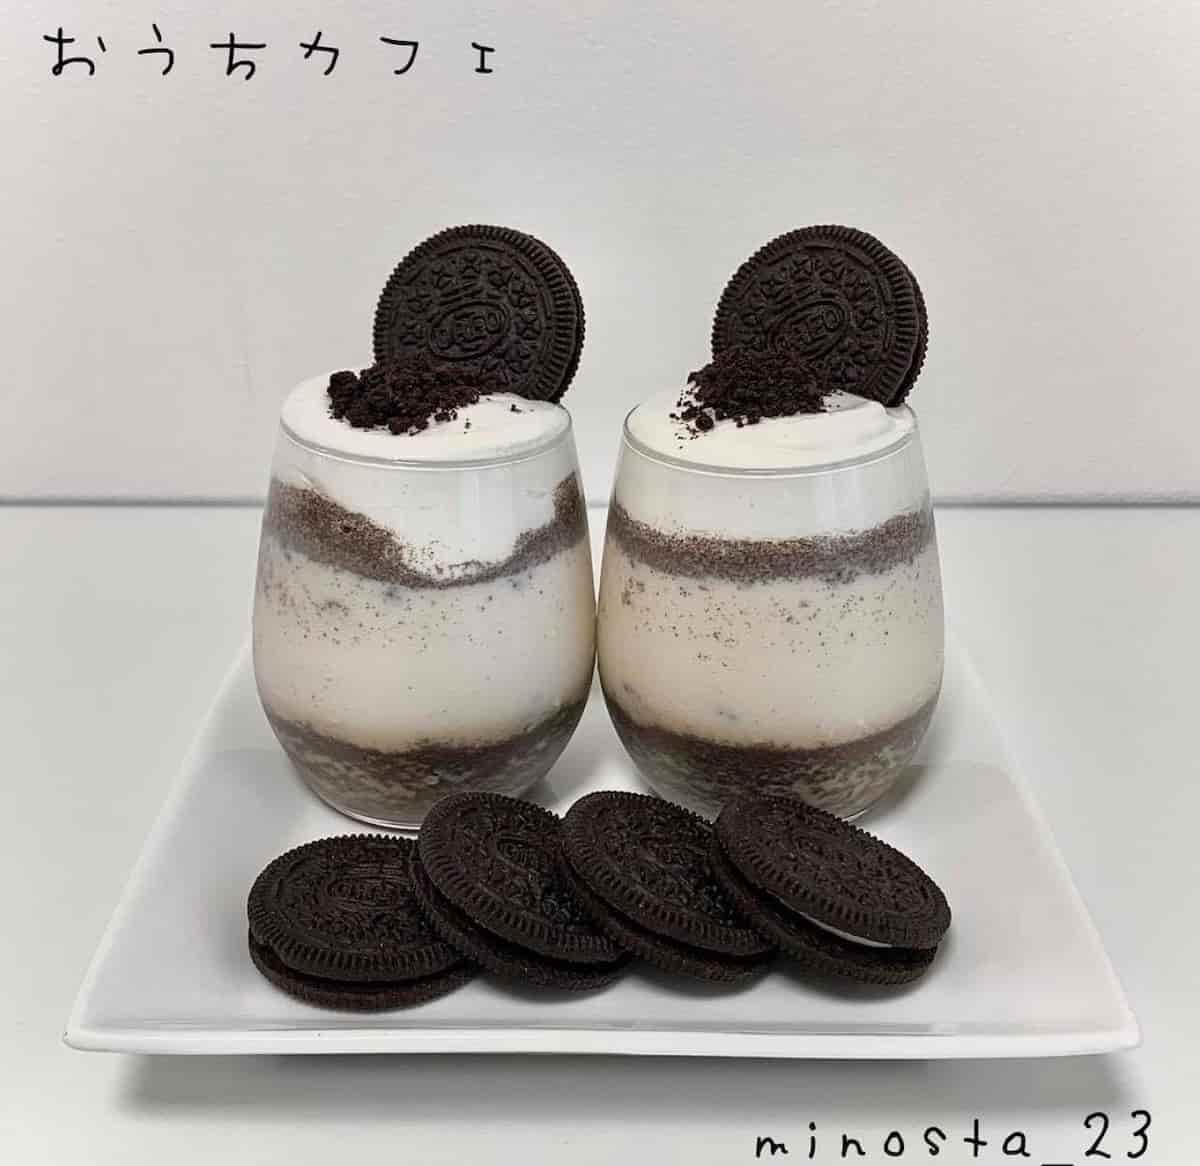 韓国カフェ気分が楽しめる♪「#オレオクッキーミルク」をおうちで作ってみよう!